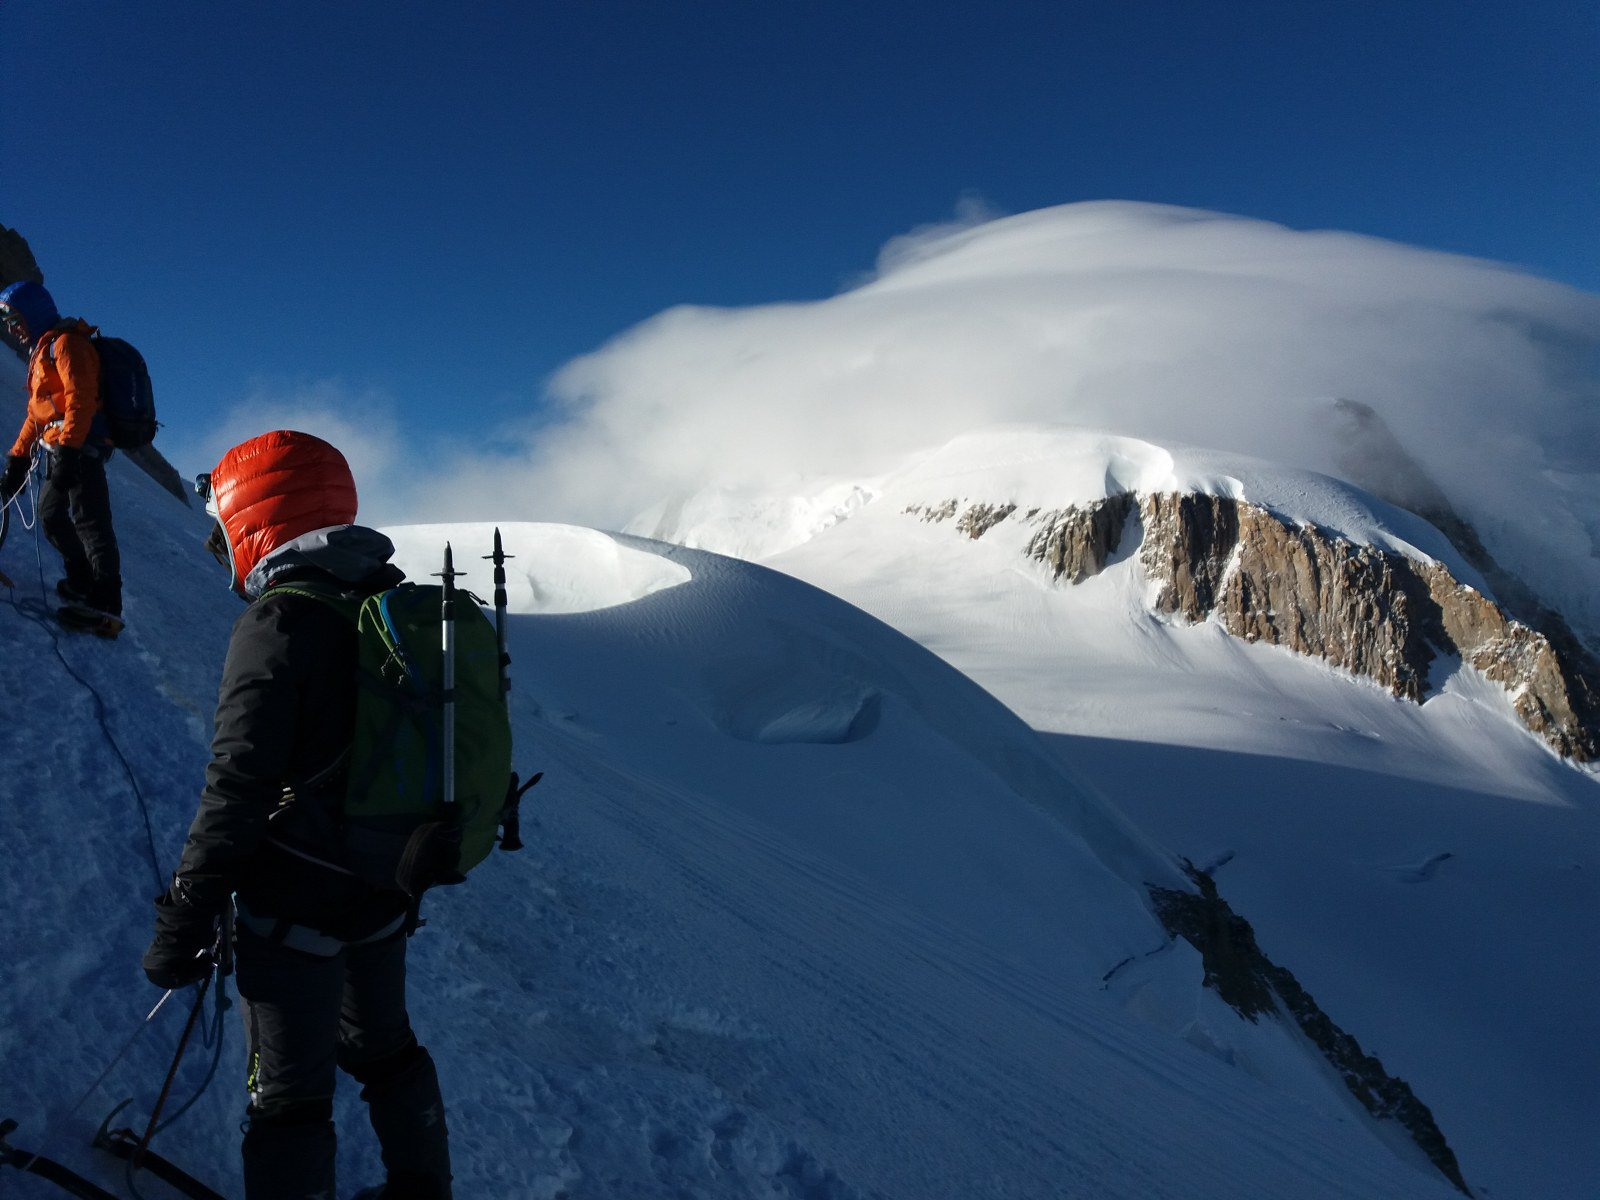 Col maudit, cresta nevosa da percorrere per raggiungere il pendio finale e Bianco nella nebbia